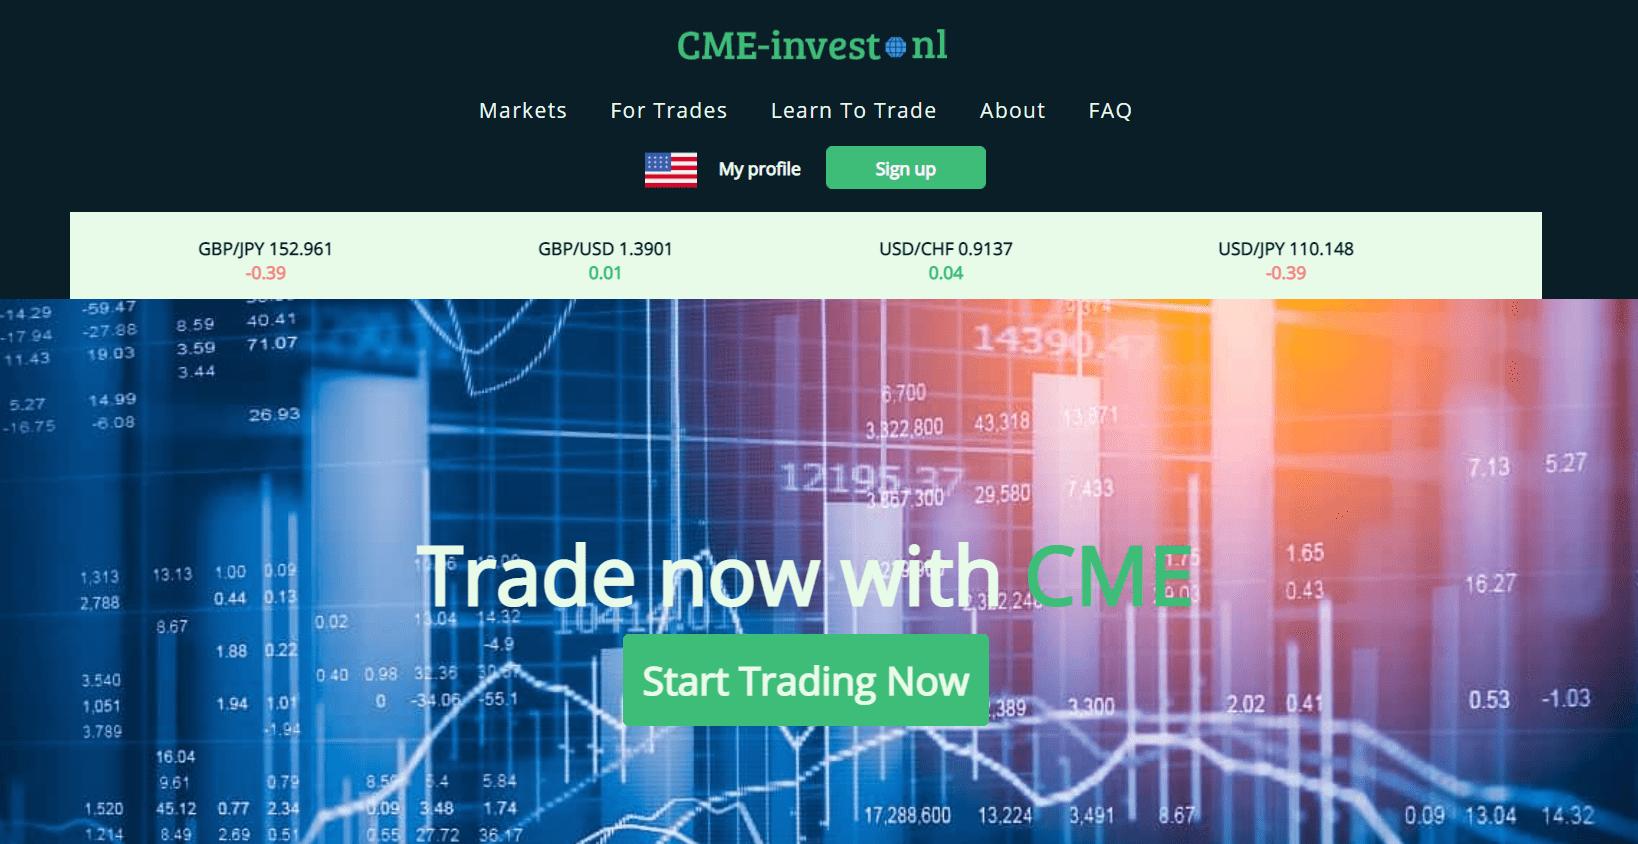 Подробный обзор брокера CME-invest.nl, Фото № 1 - 1-consult.net